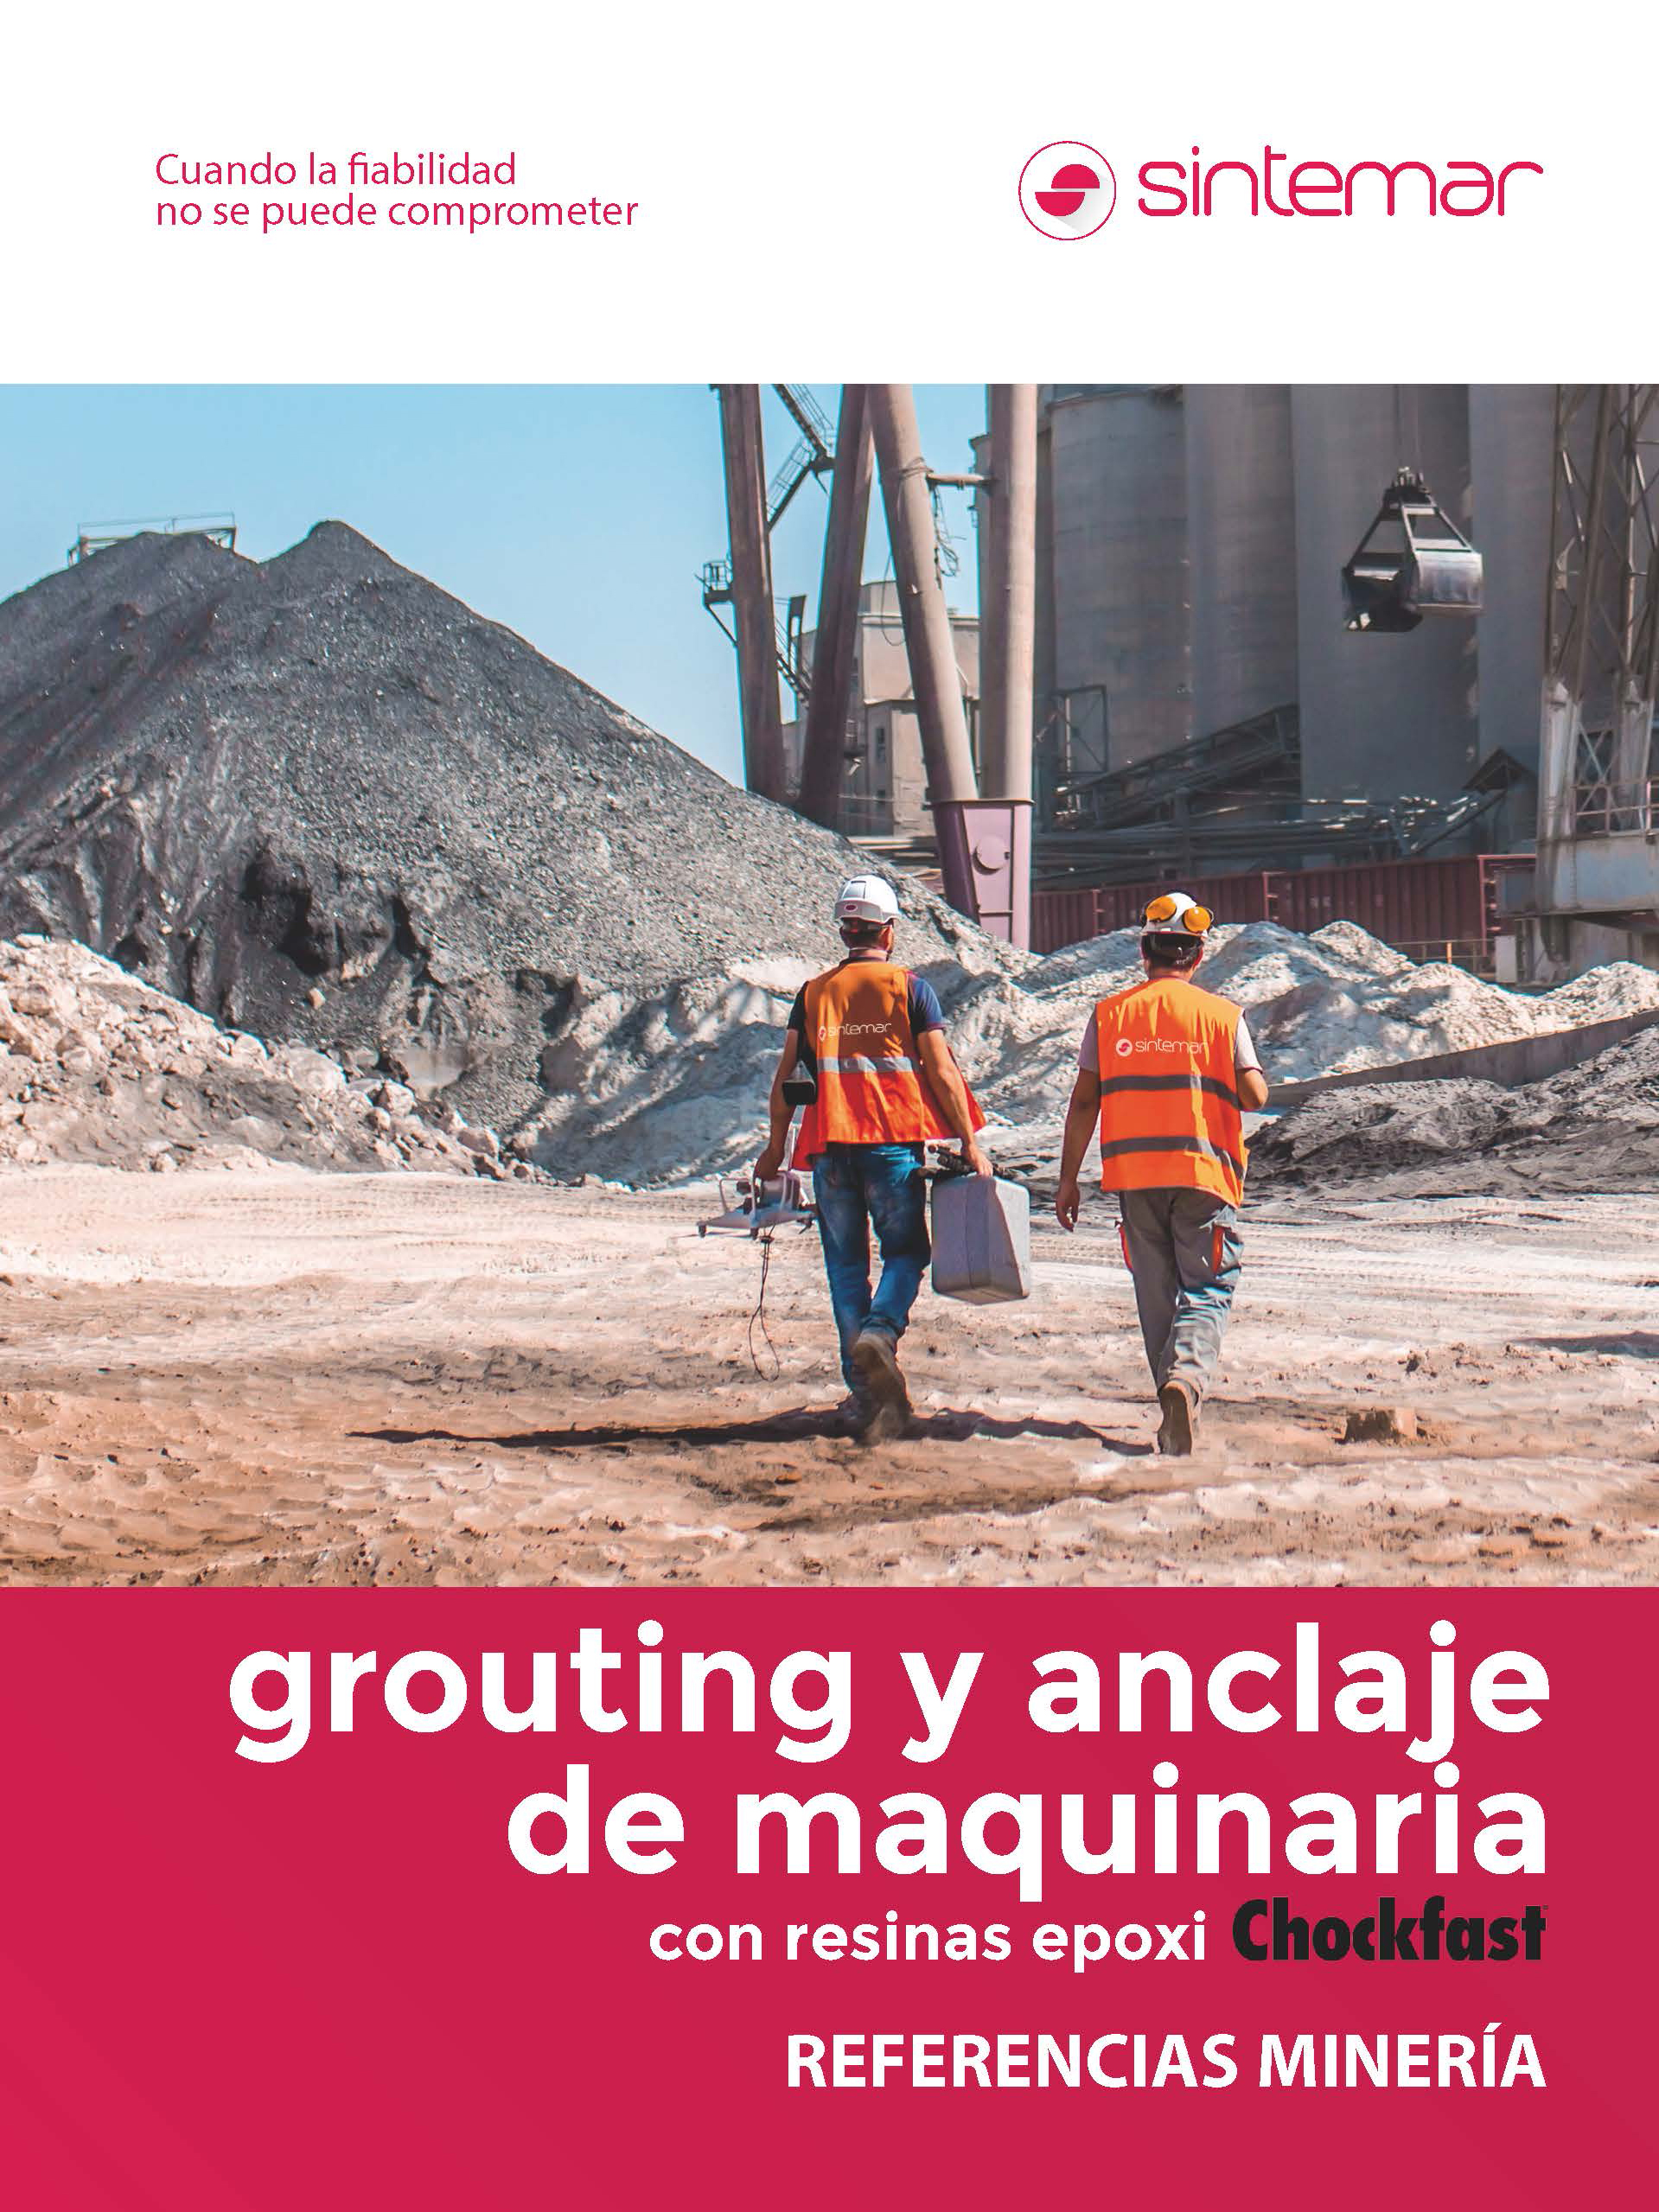 Grouting y anclaje de maquinaria - Referencias minería